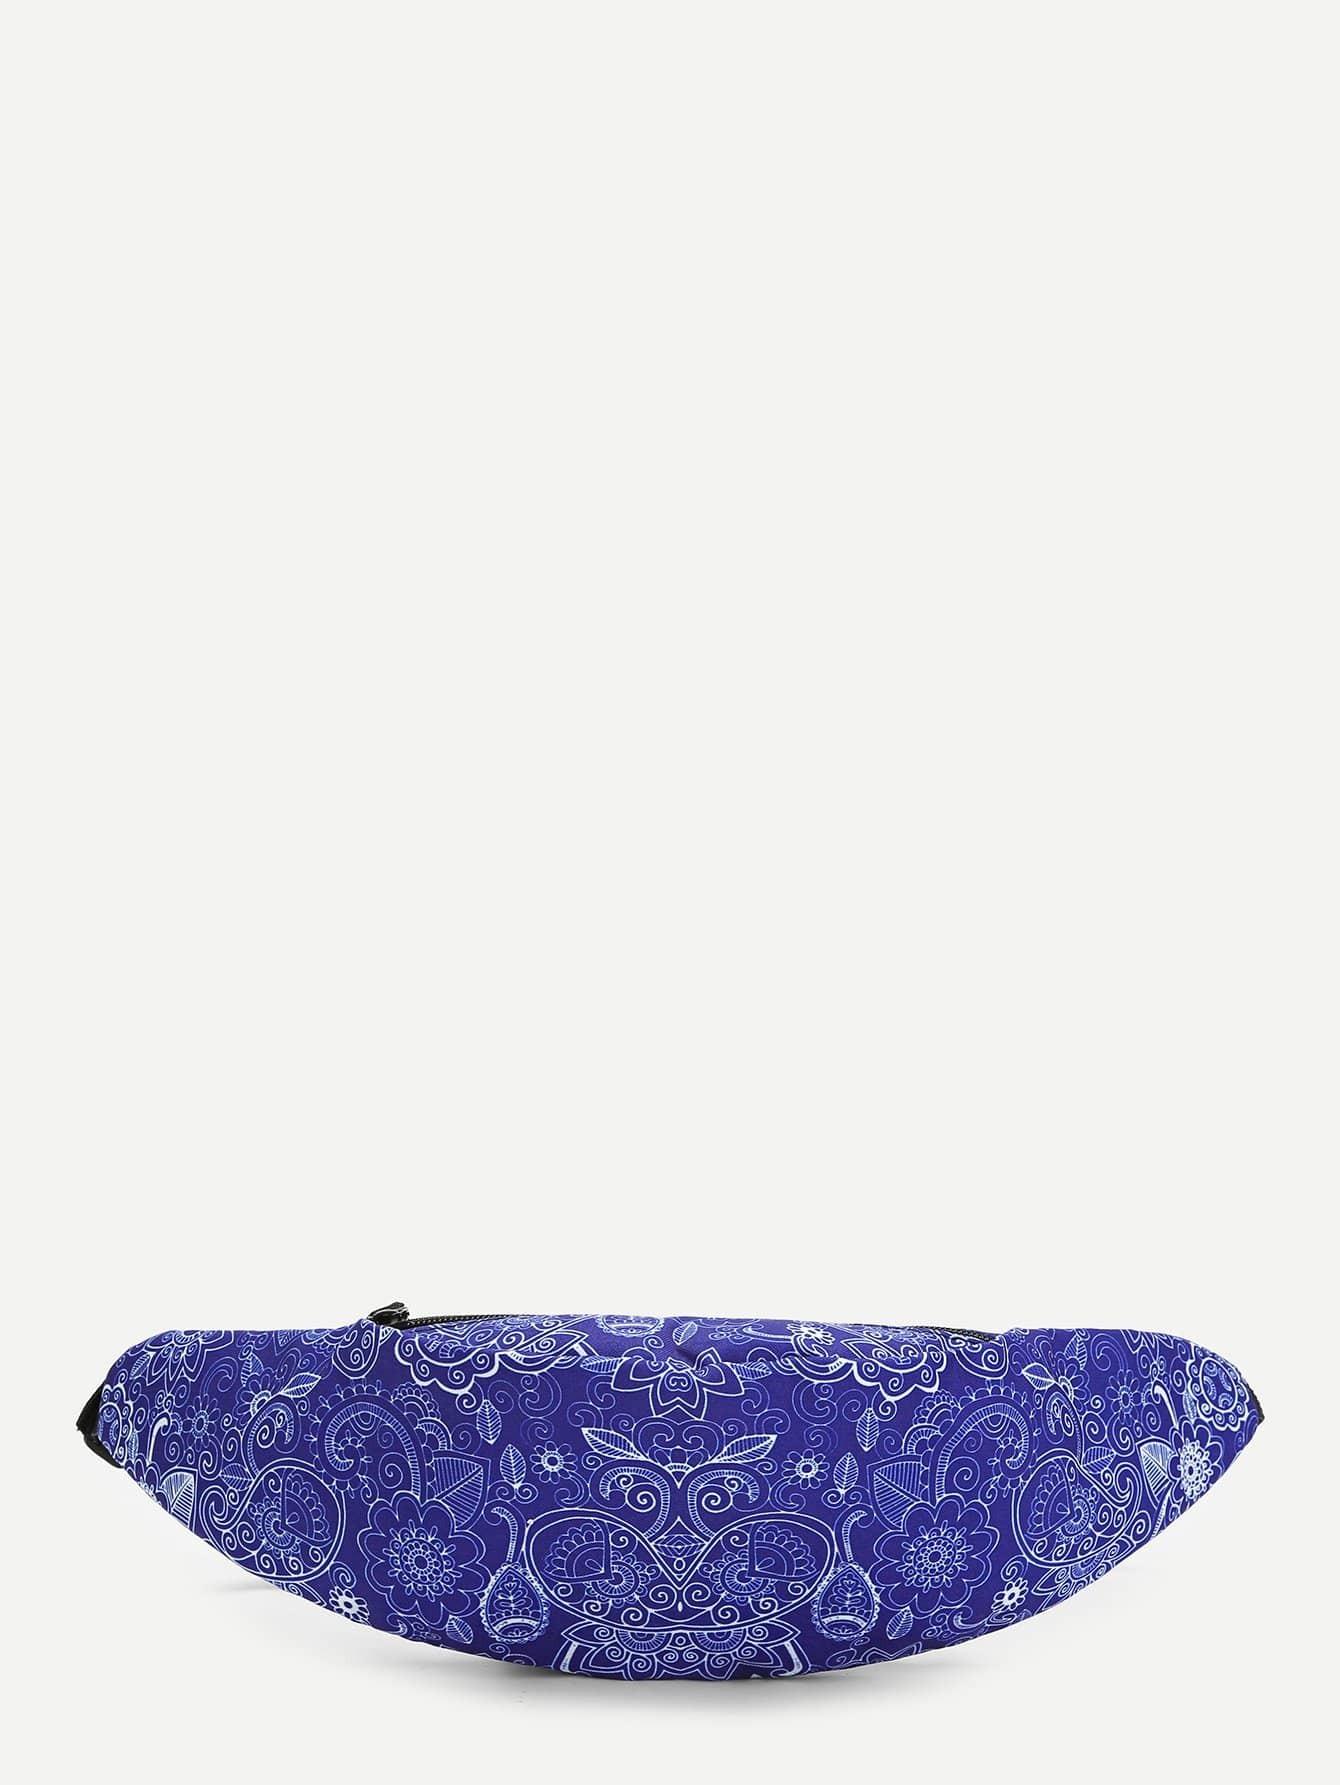 Купить Парусиновый мешок талли с принтом графическим, null, SheIn